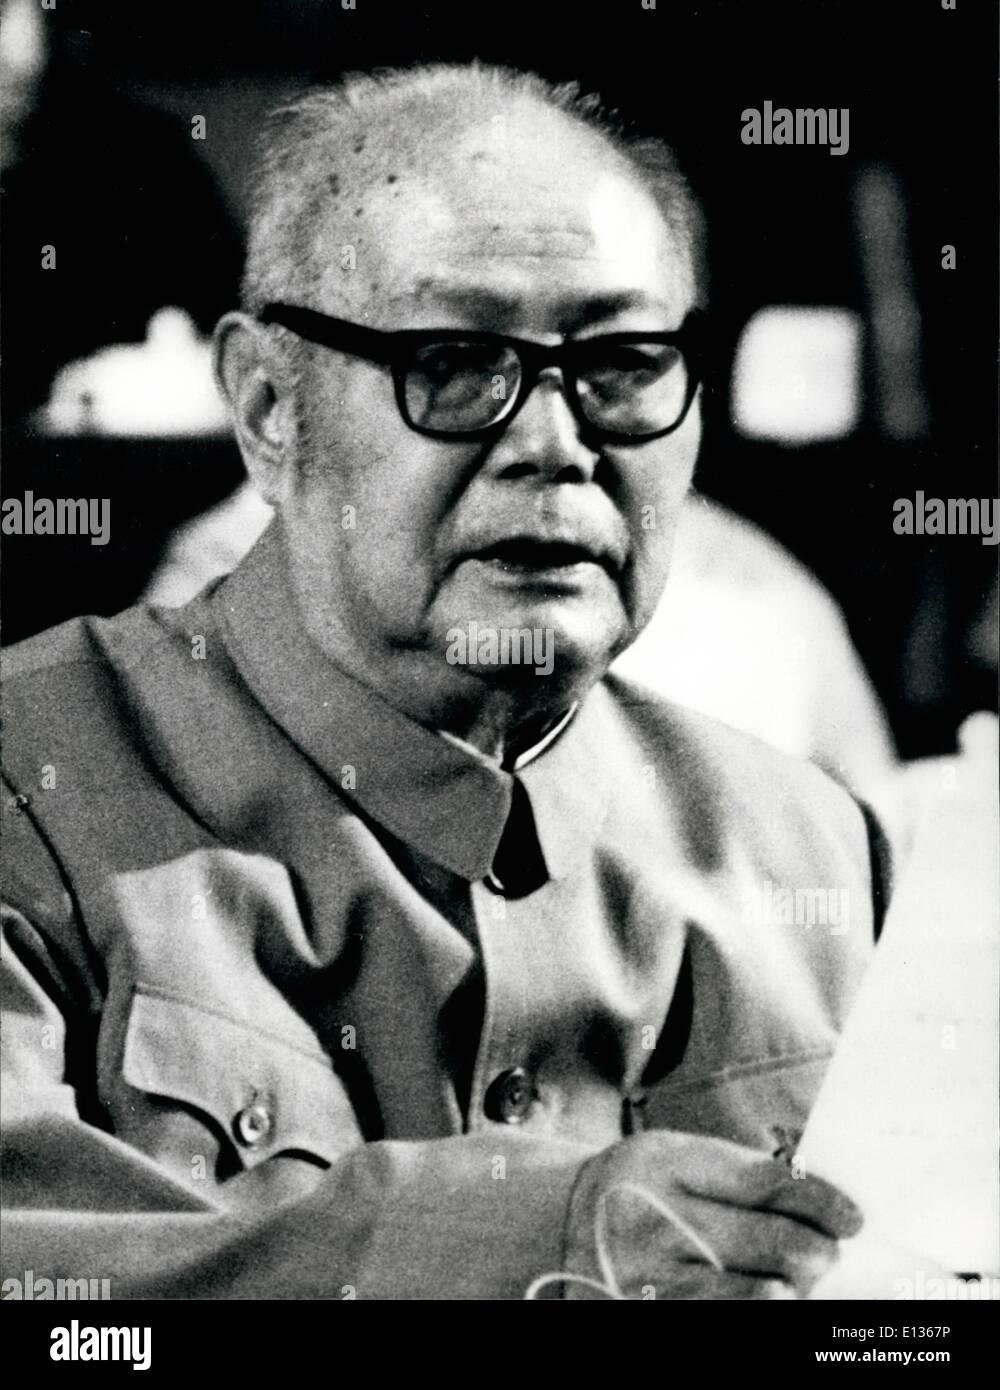 Febbraio 28, 2012 - Yeh Chien-Ying. Vice Presidente del Partito comunista cinese. Immagini Stock